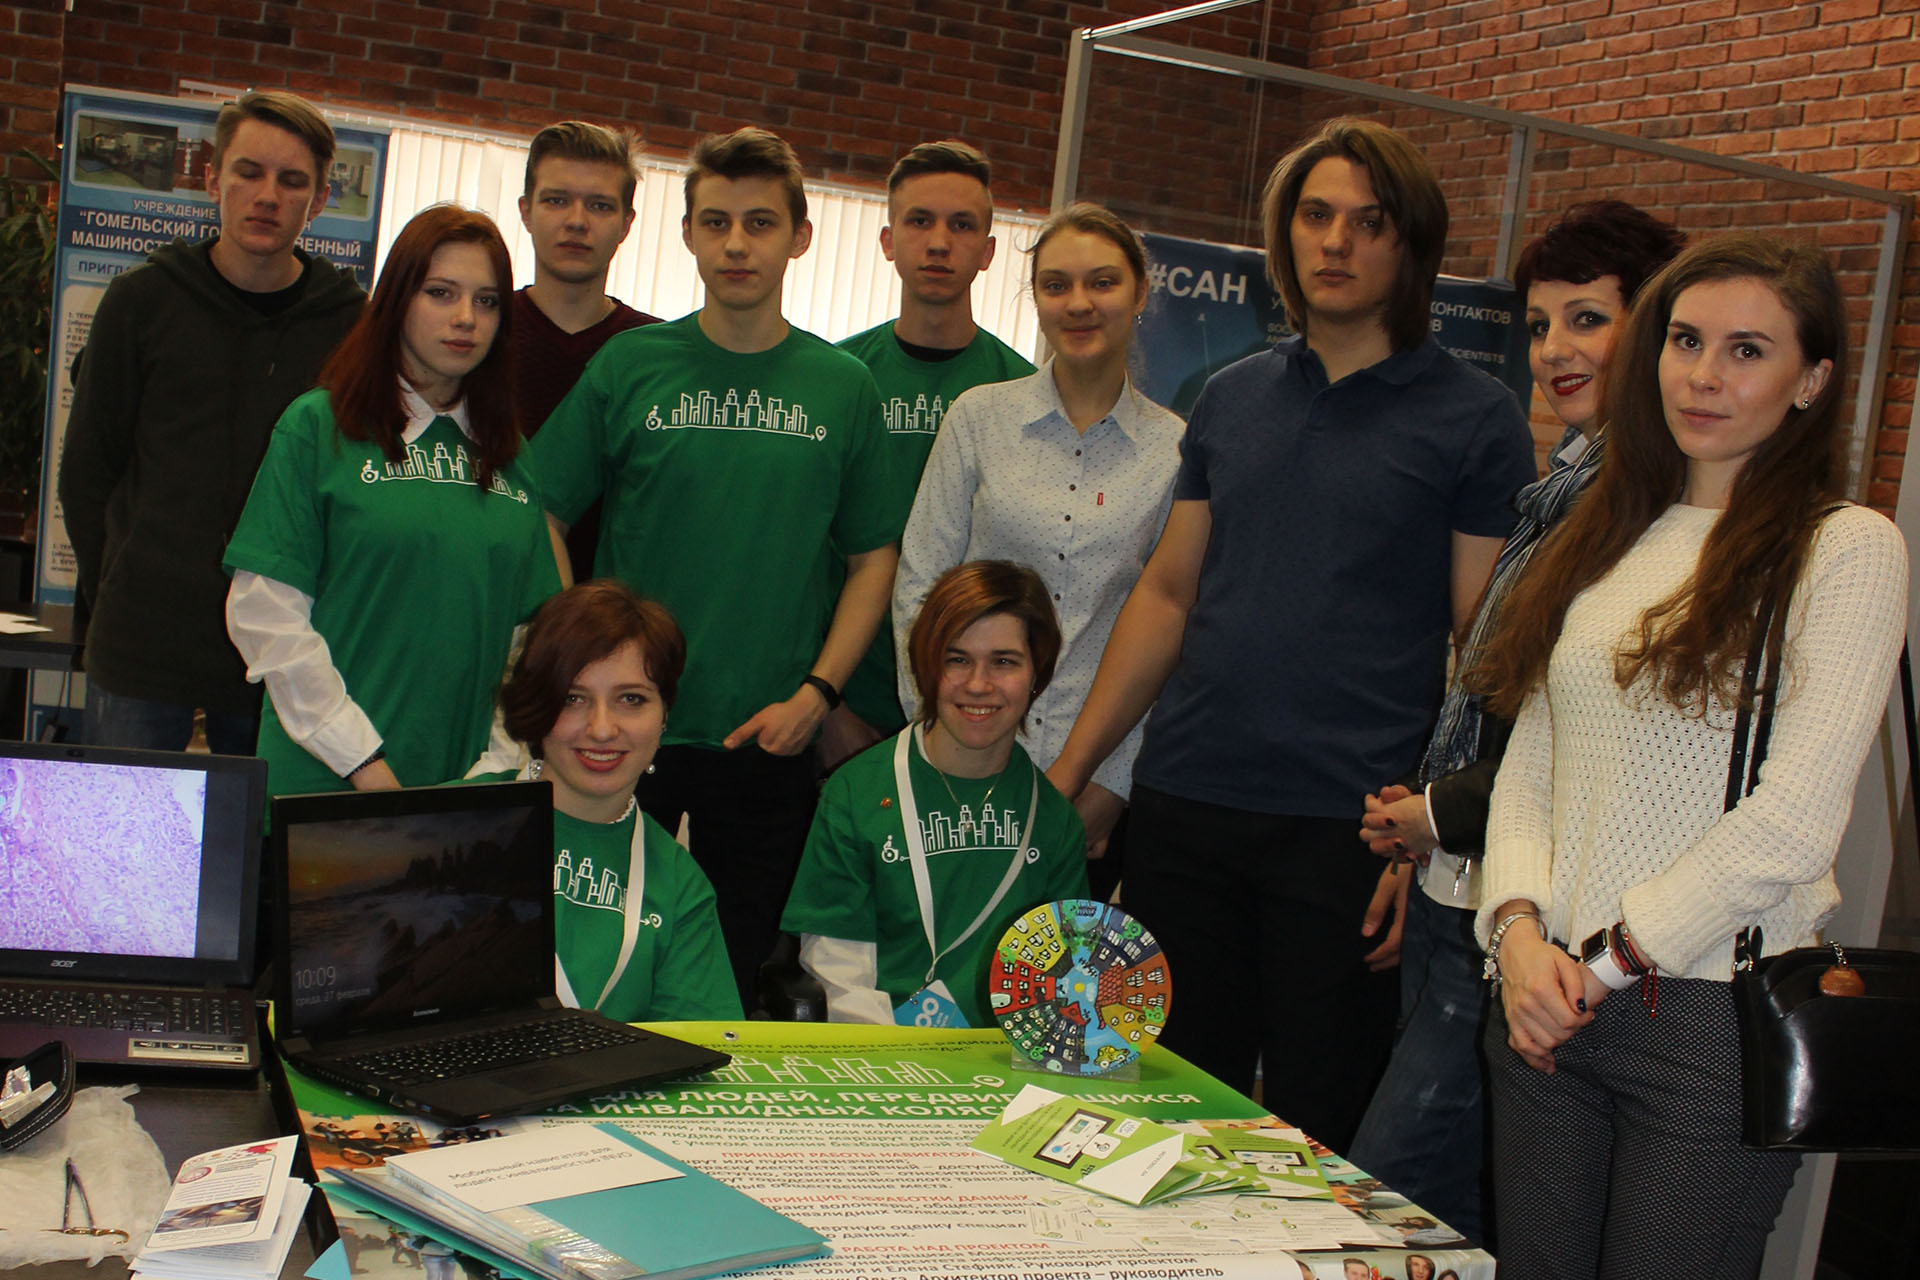 Студенты центра языковой подготовки СОЛ Минск победили в конкурсе 100 идей для Беларуси - 2019